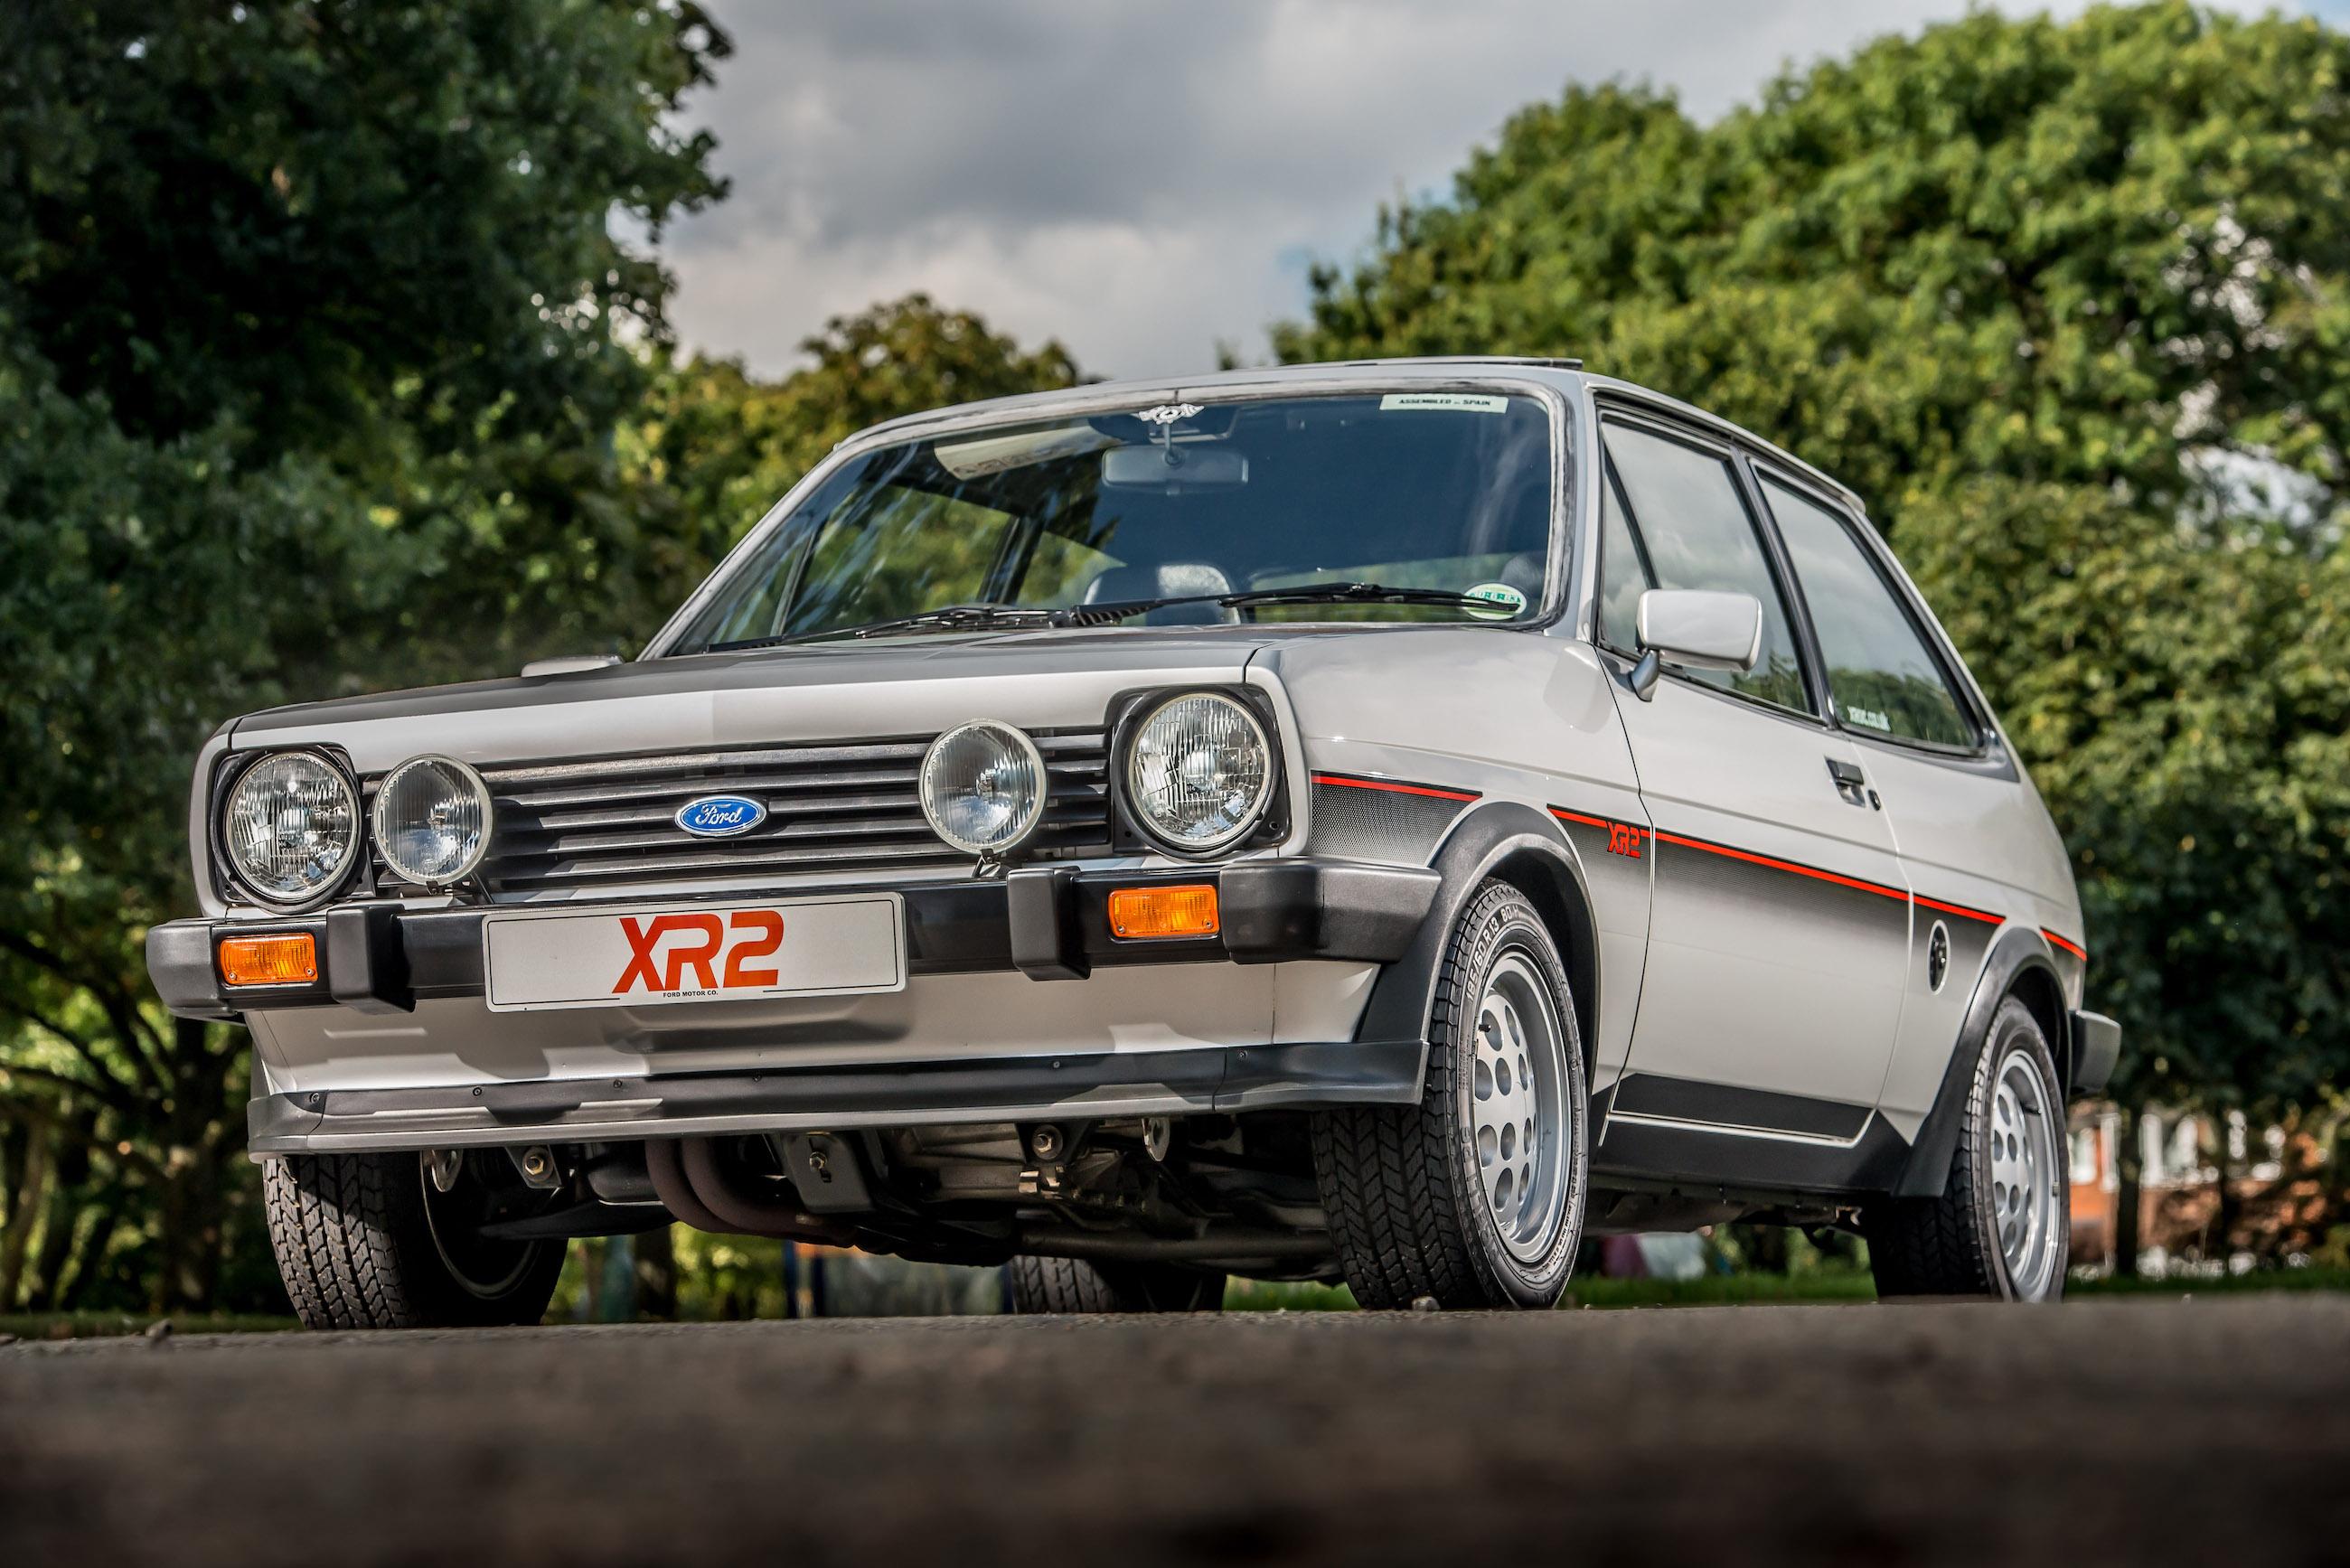 Fiesta XR2 mark 1